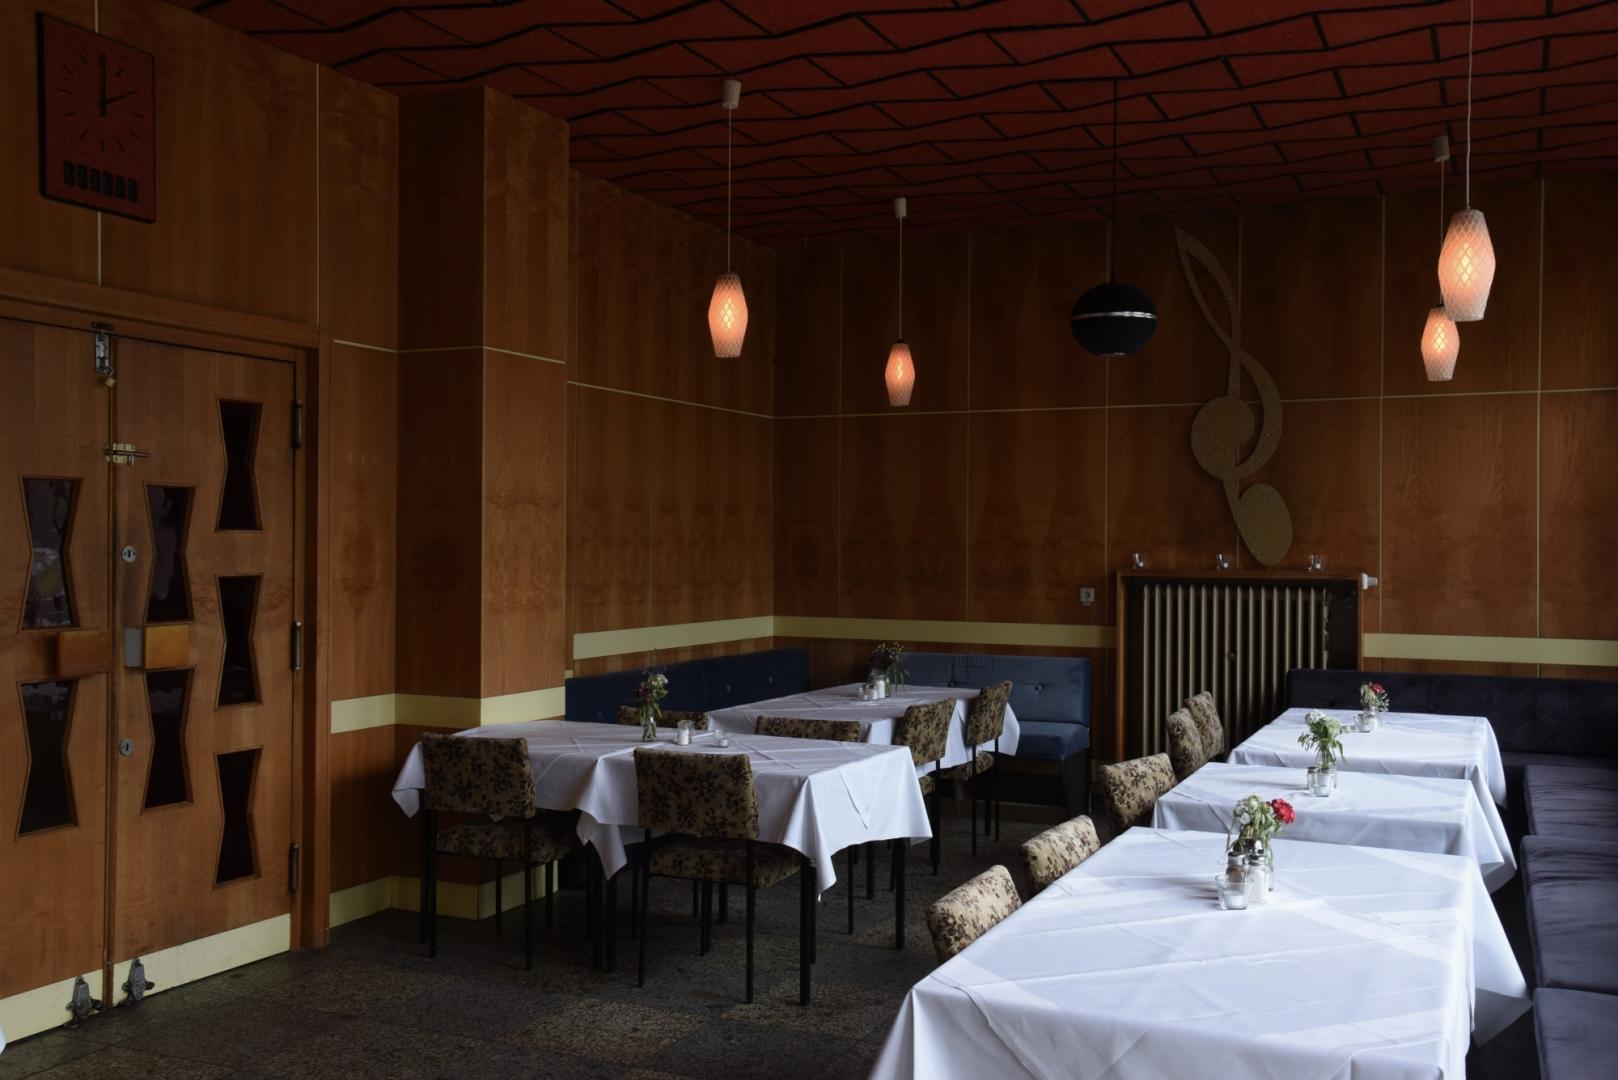 Молочный бар в Фанкхаусе (Milchbar im Funkhaus). Культовый молочный бар, вновь открывшийся в июле 2009 года, оформлен в духе восьмидесятых. Почти все детали интерьера находятся в первоначальном состоянии. Молочный бар представляет собой разновидность ресторана быстрого питания